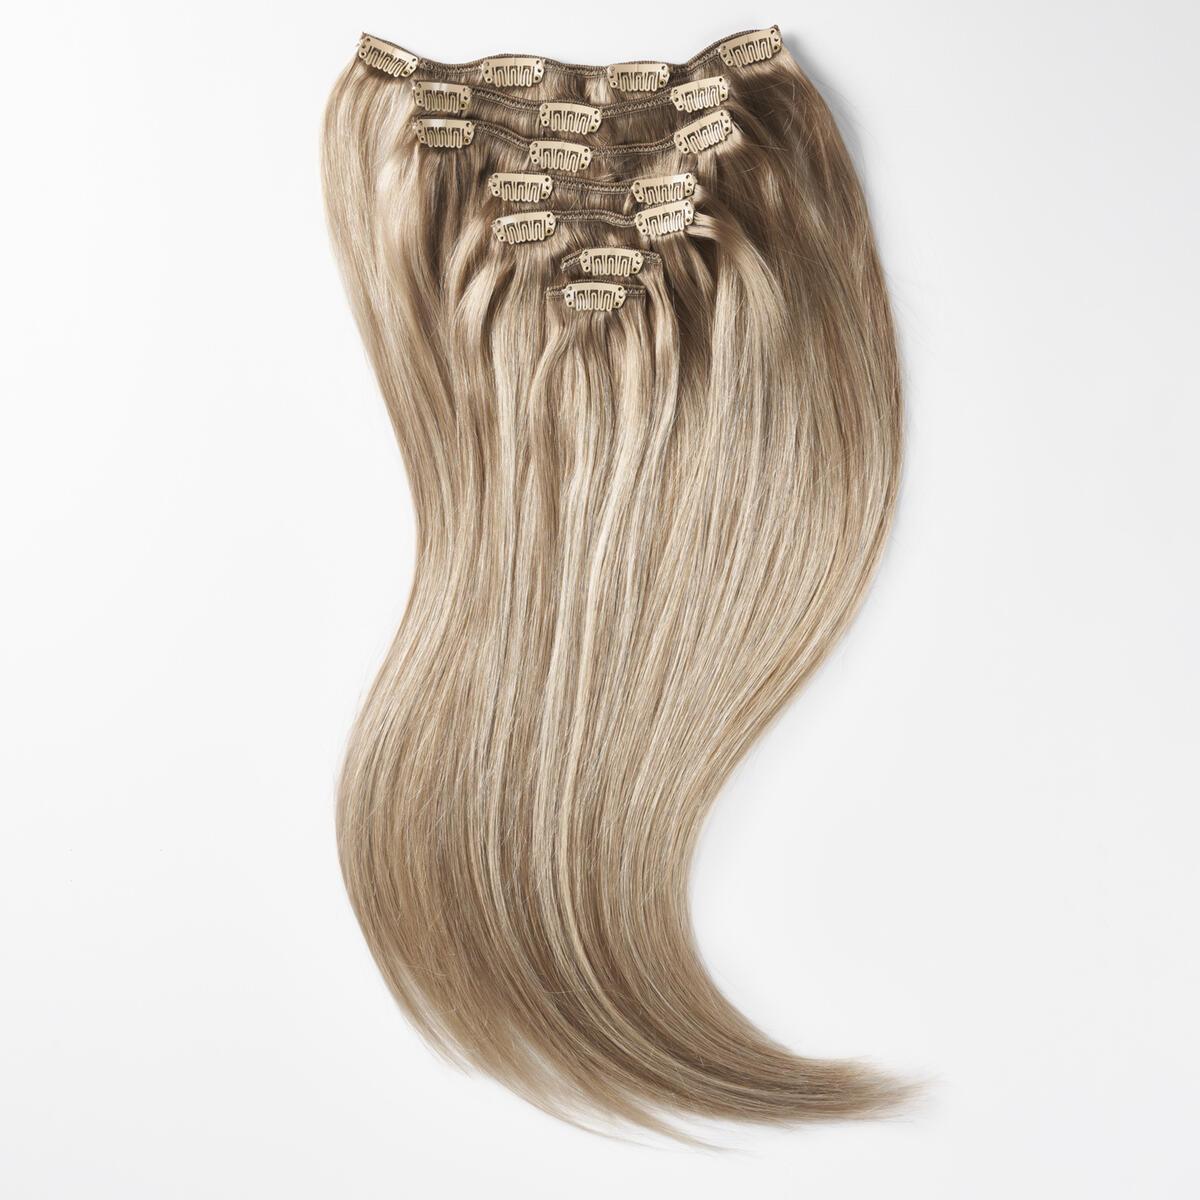 Clip-on set B7.5/10.7 Sandy Blonde Balayage 50 cm